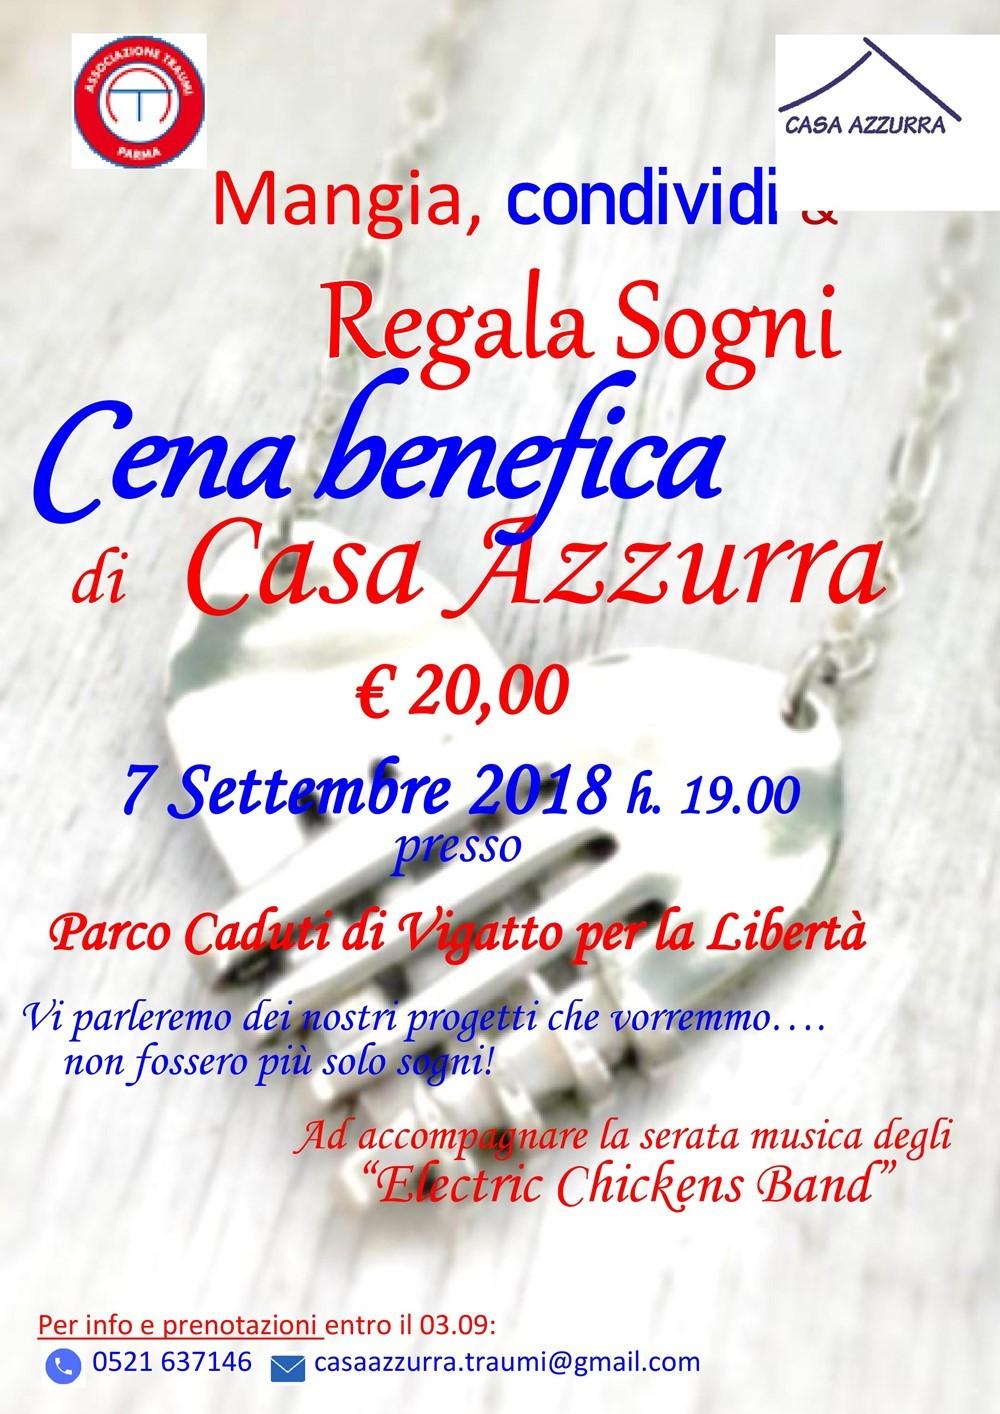 Associazione Traumi  Il 7 settembre la cena benefica a favore di Casa Azzurra